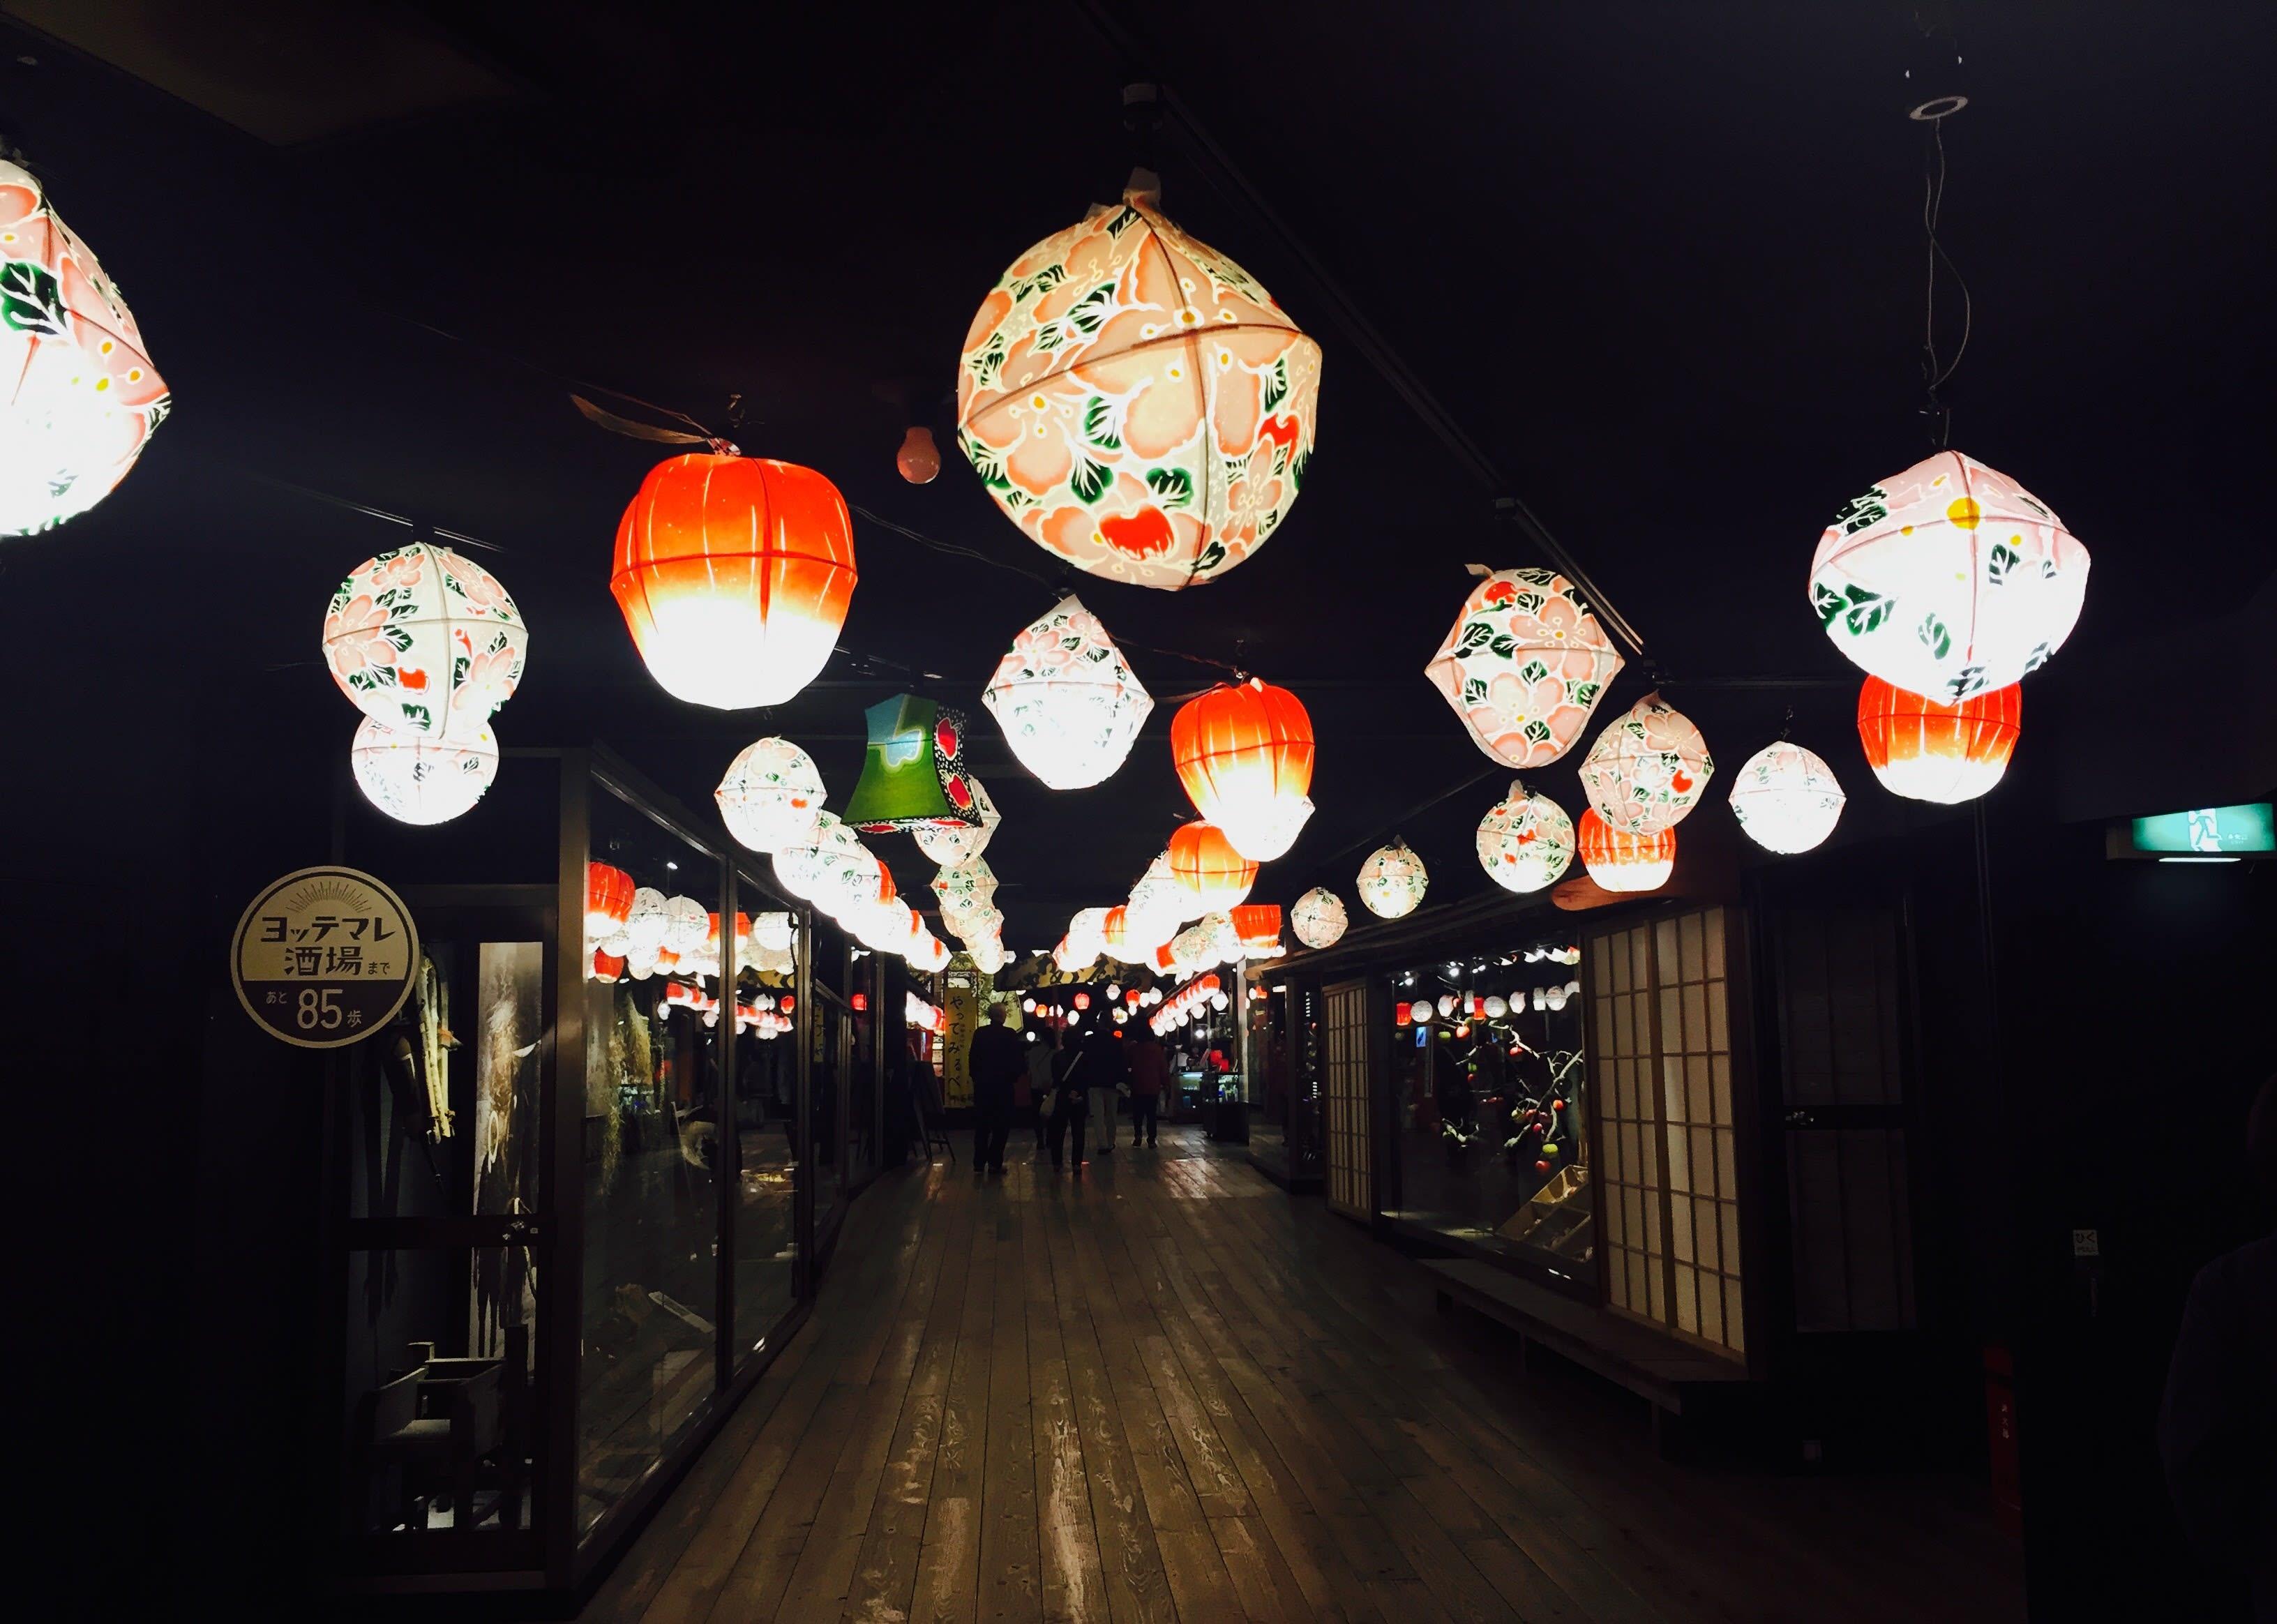 日本夏季廟會風格裝潢。 Photographer | Zach Huang